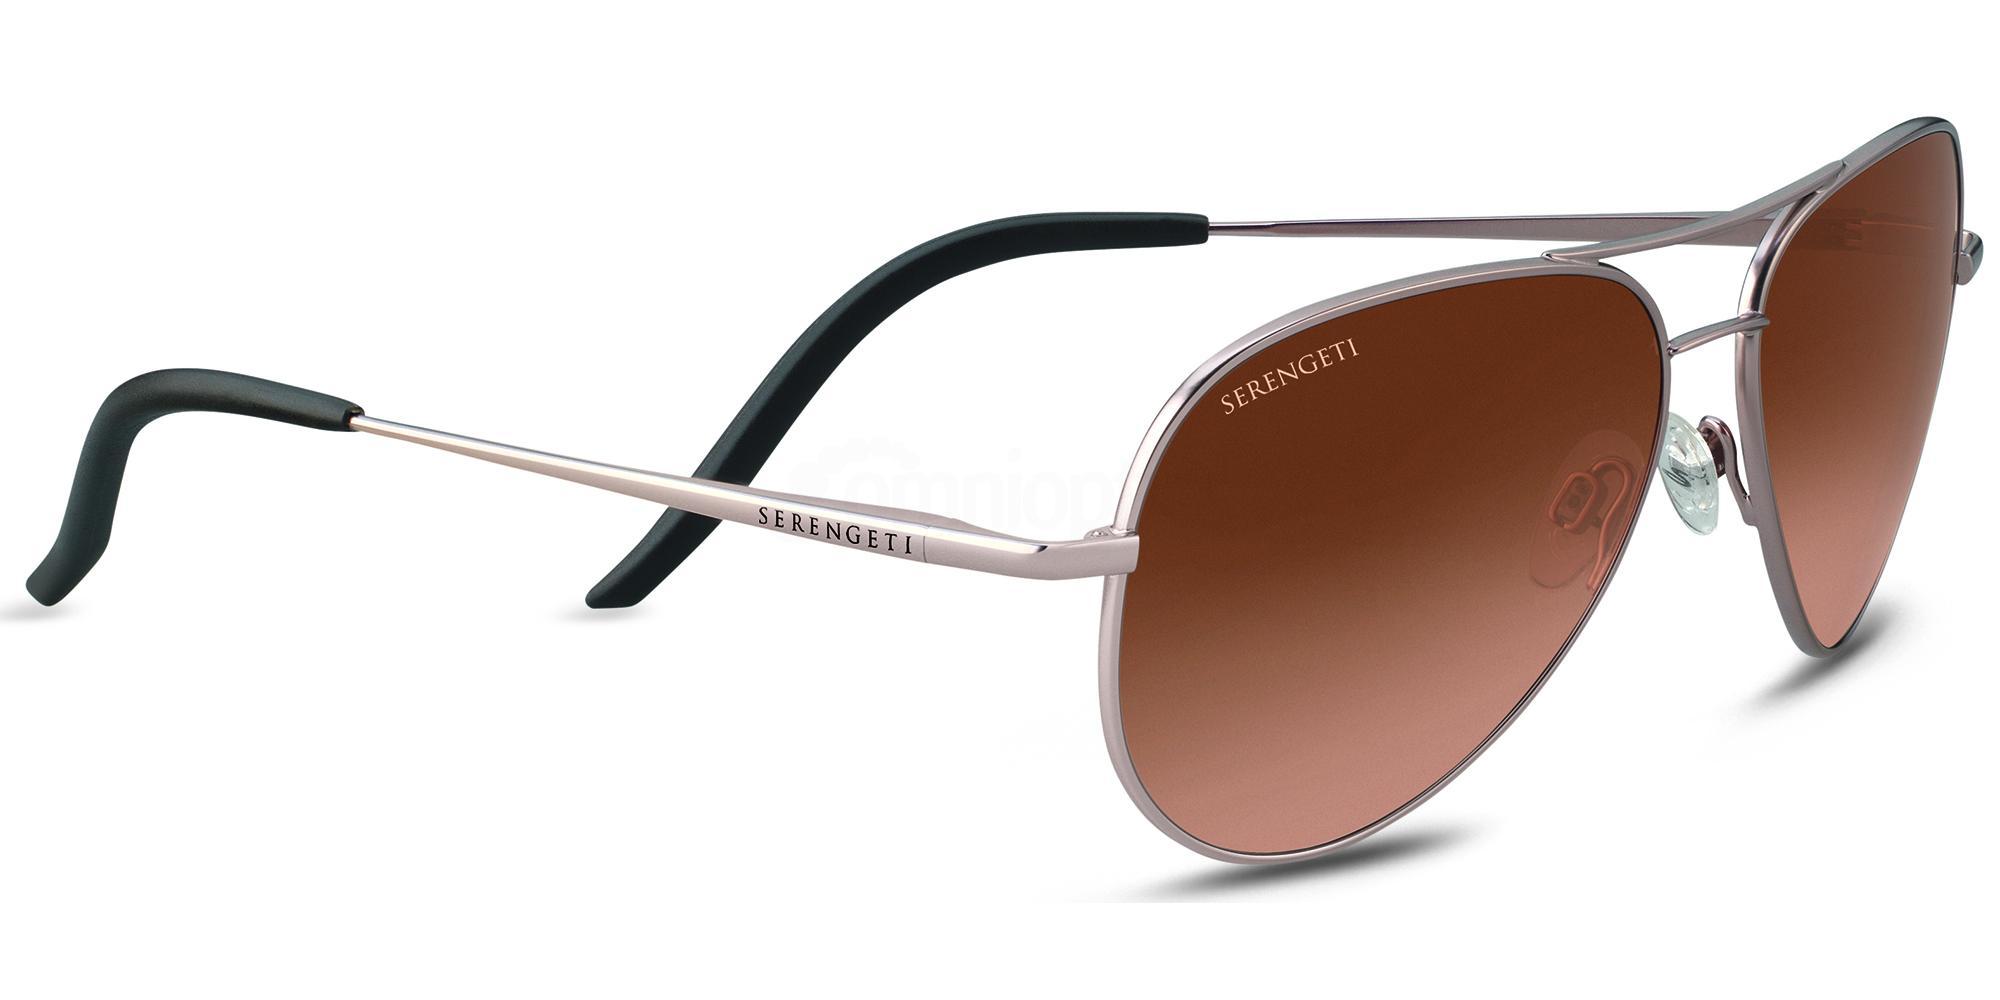 8552 Classics CARRARA SMALL Sunglasses, Serengeti